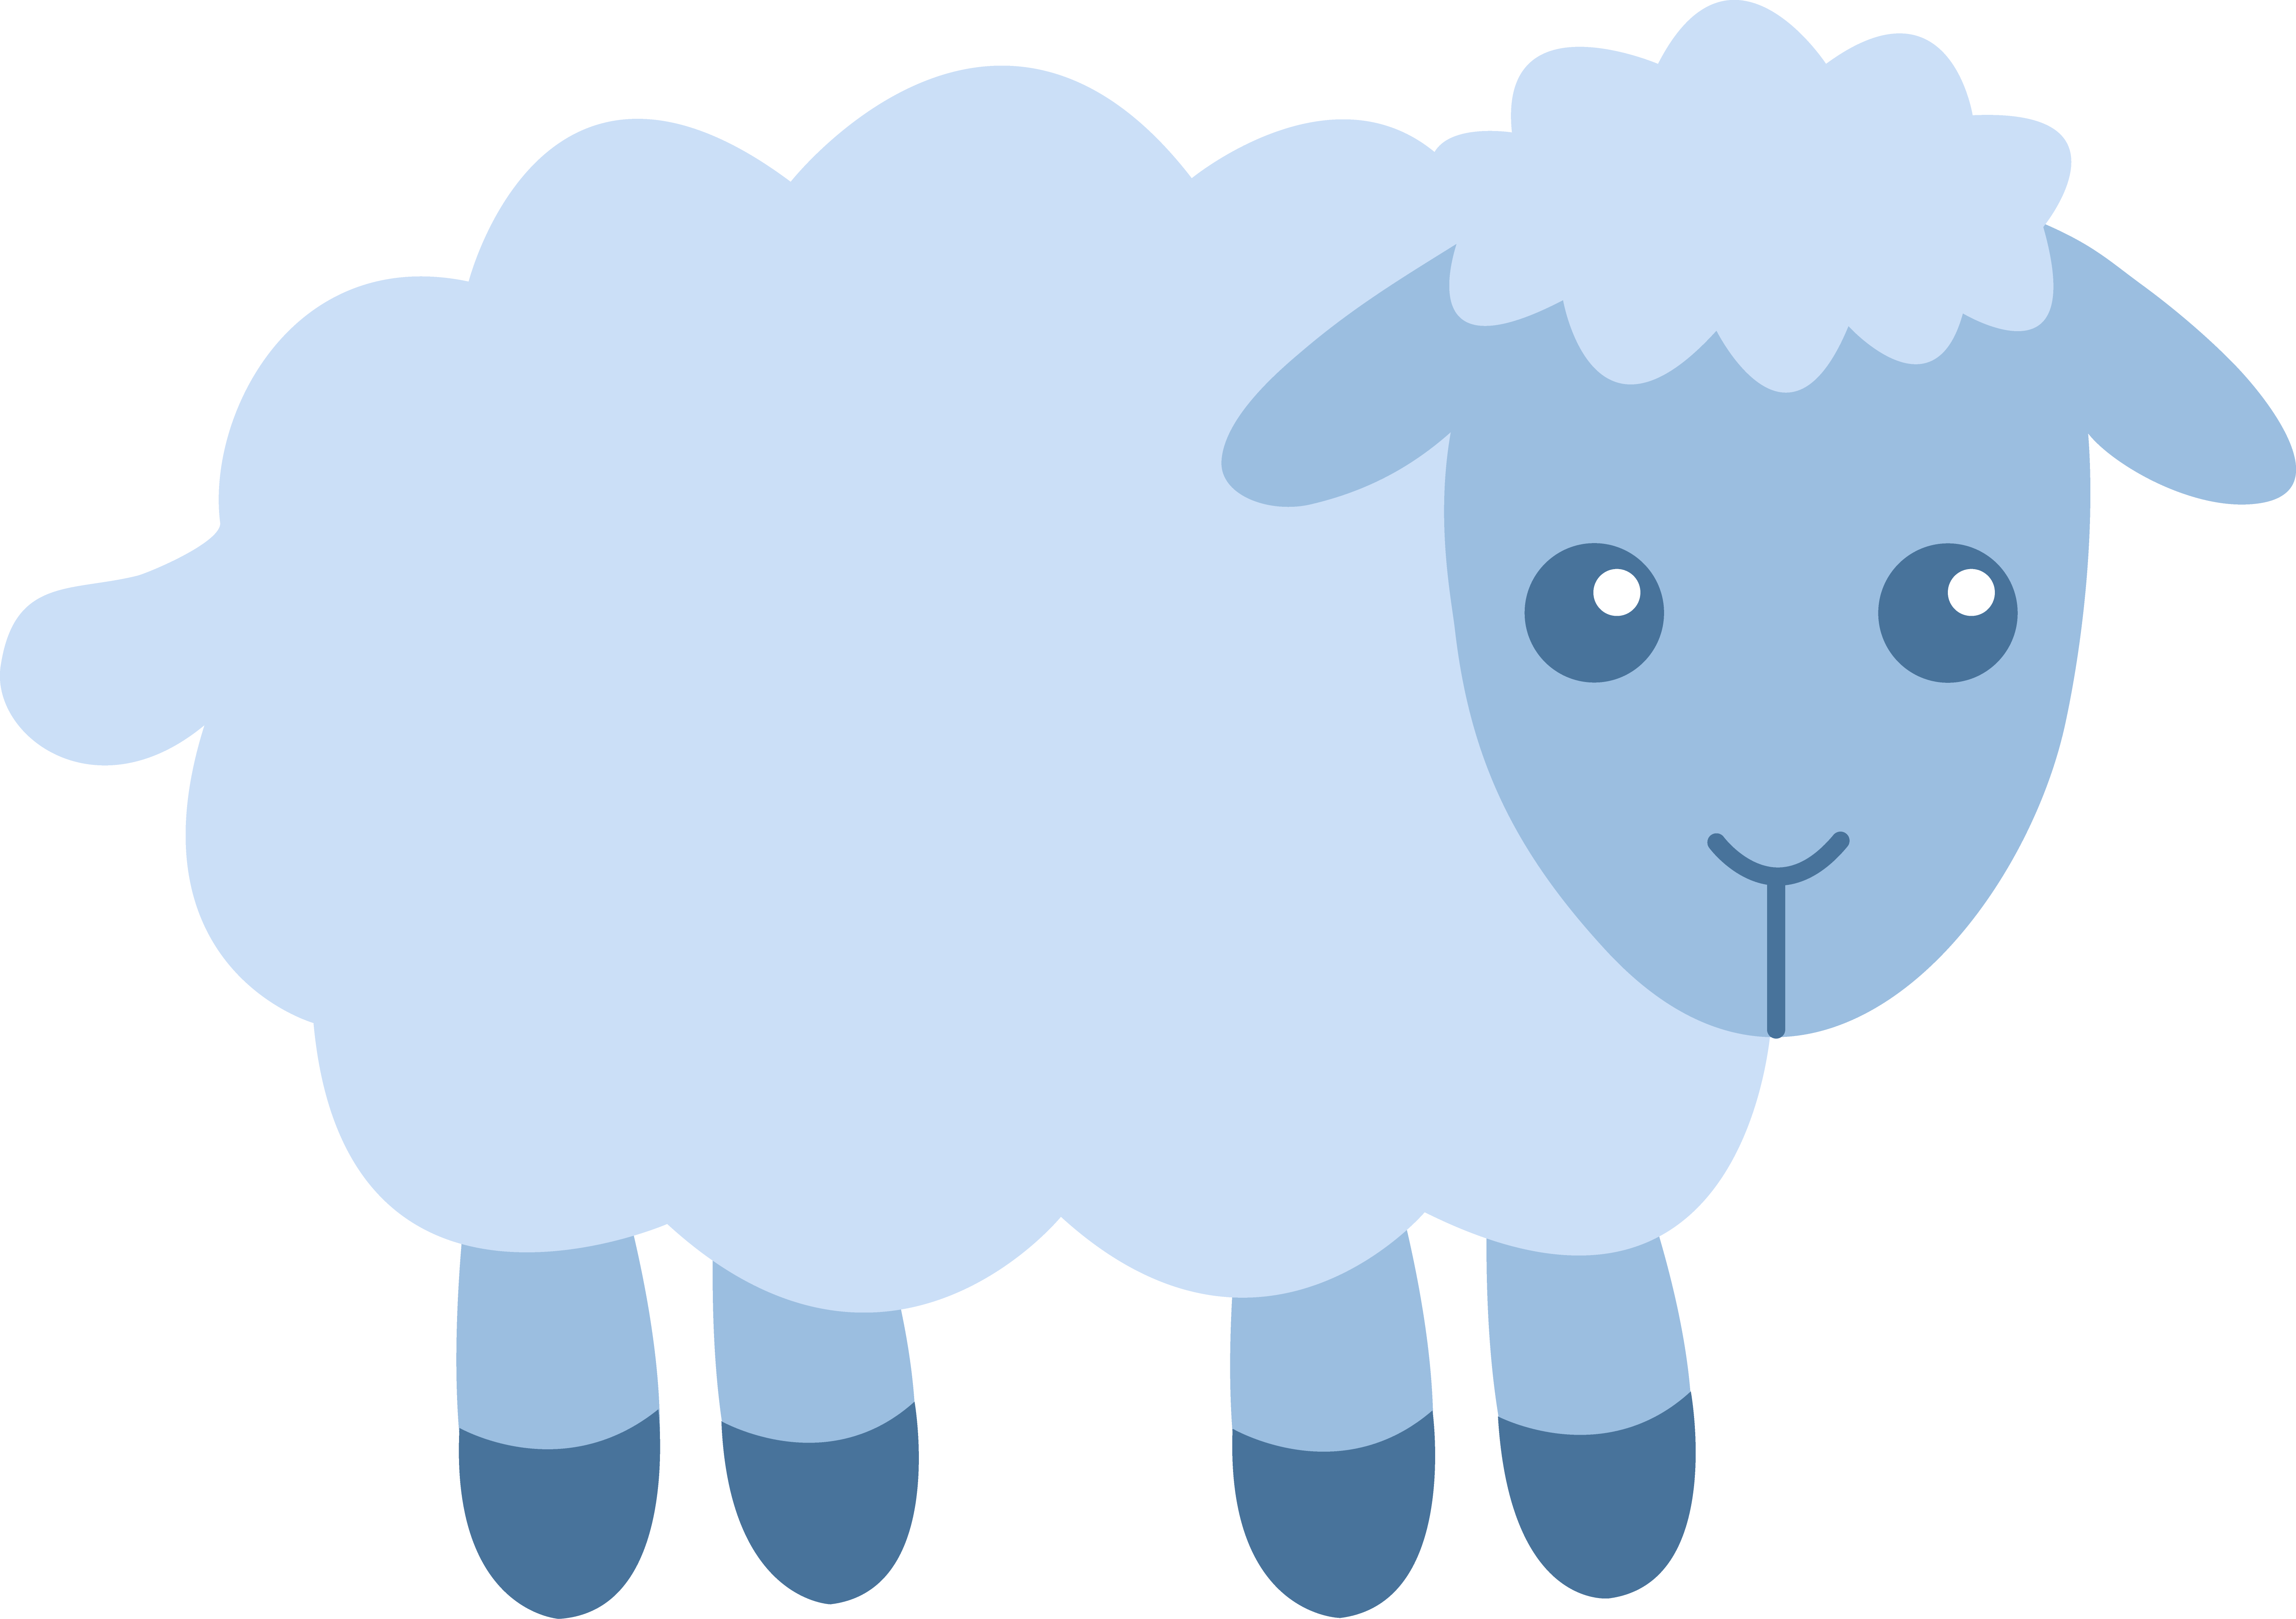 5817x4102 Cute Blue Sheep